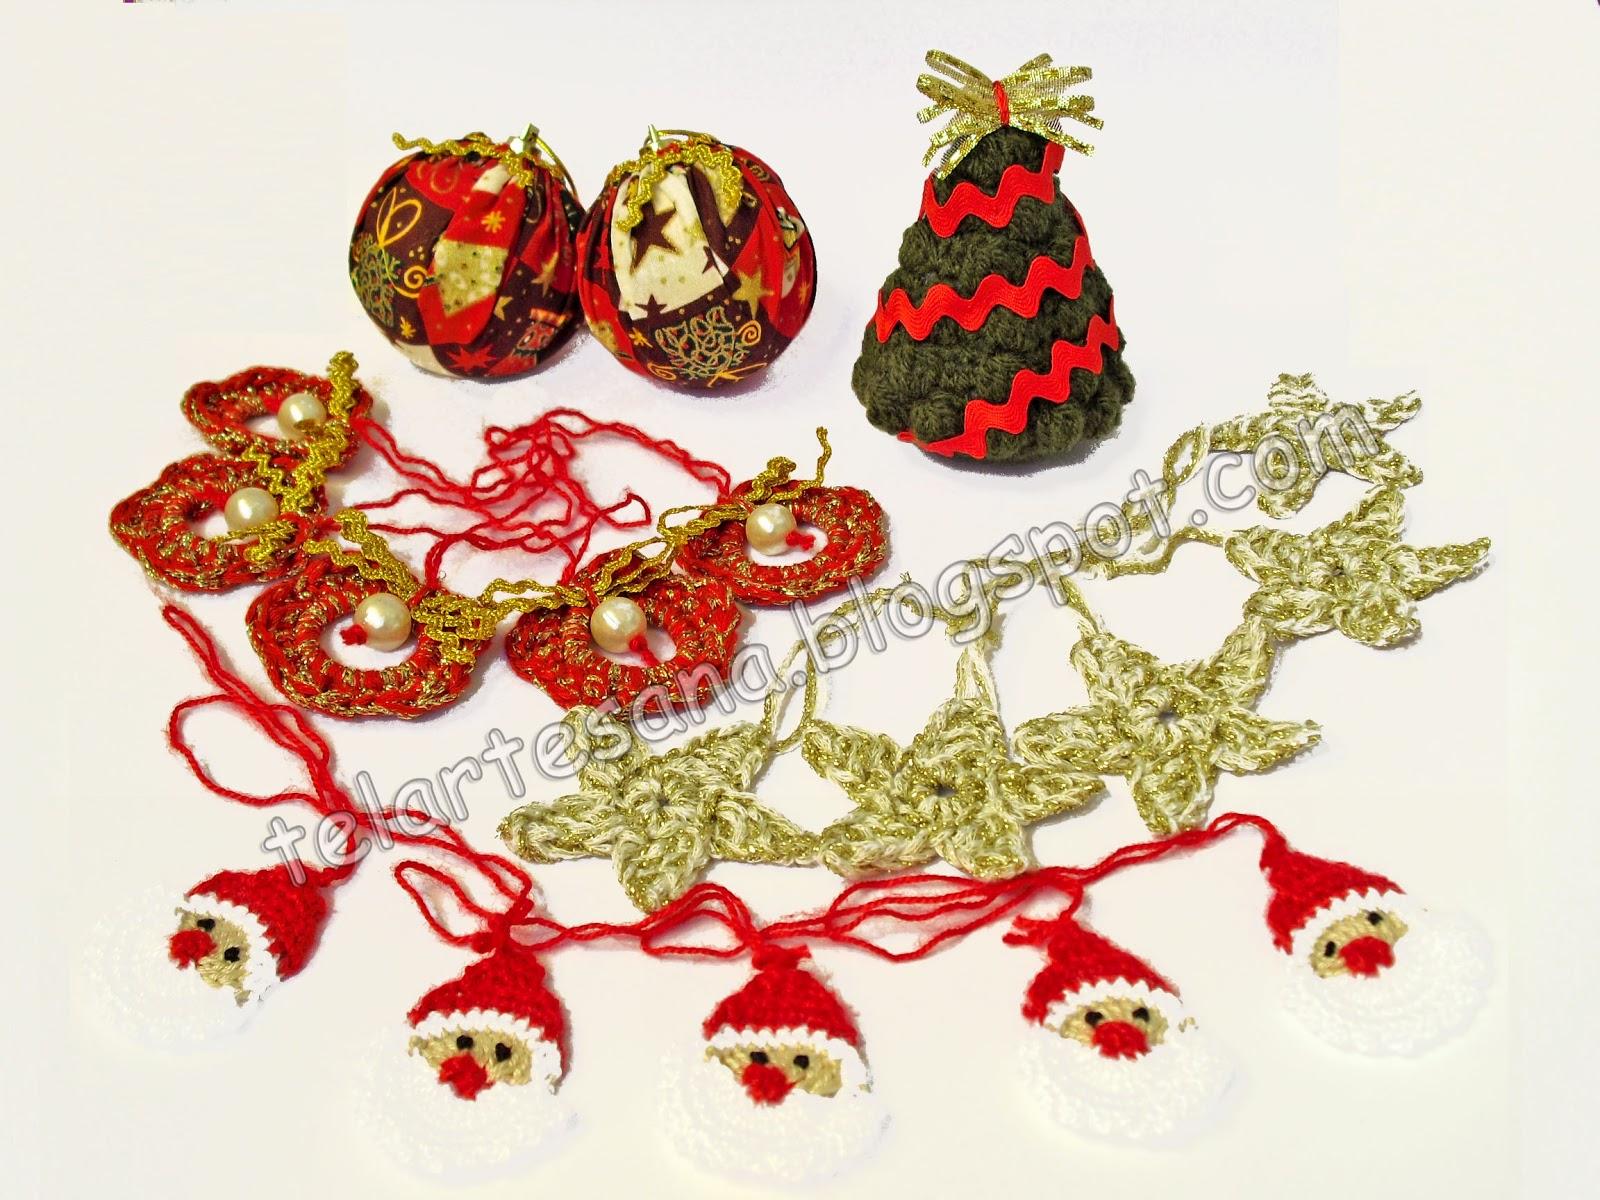 Adornos navideos artesanales affordable adornos navideos - Adornos navidenos artesanales ...